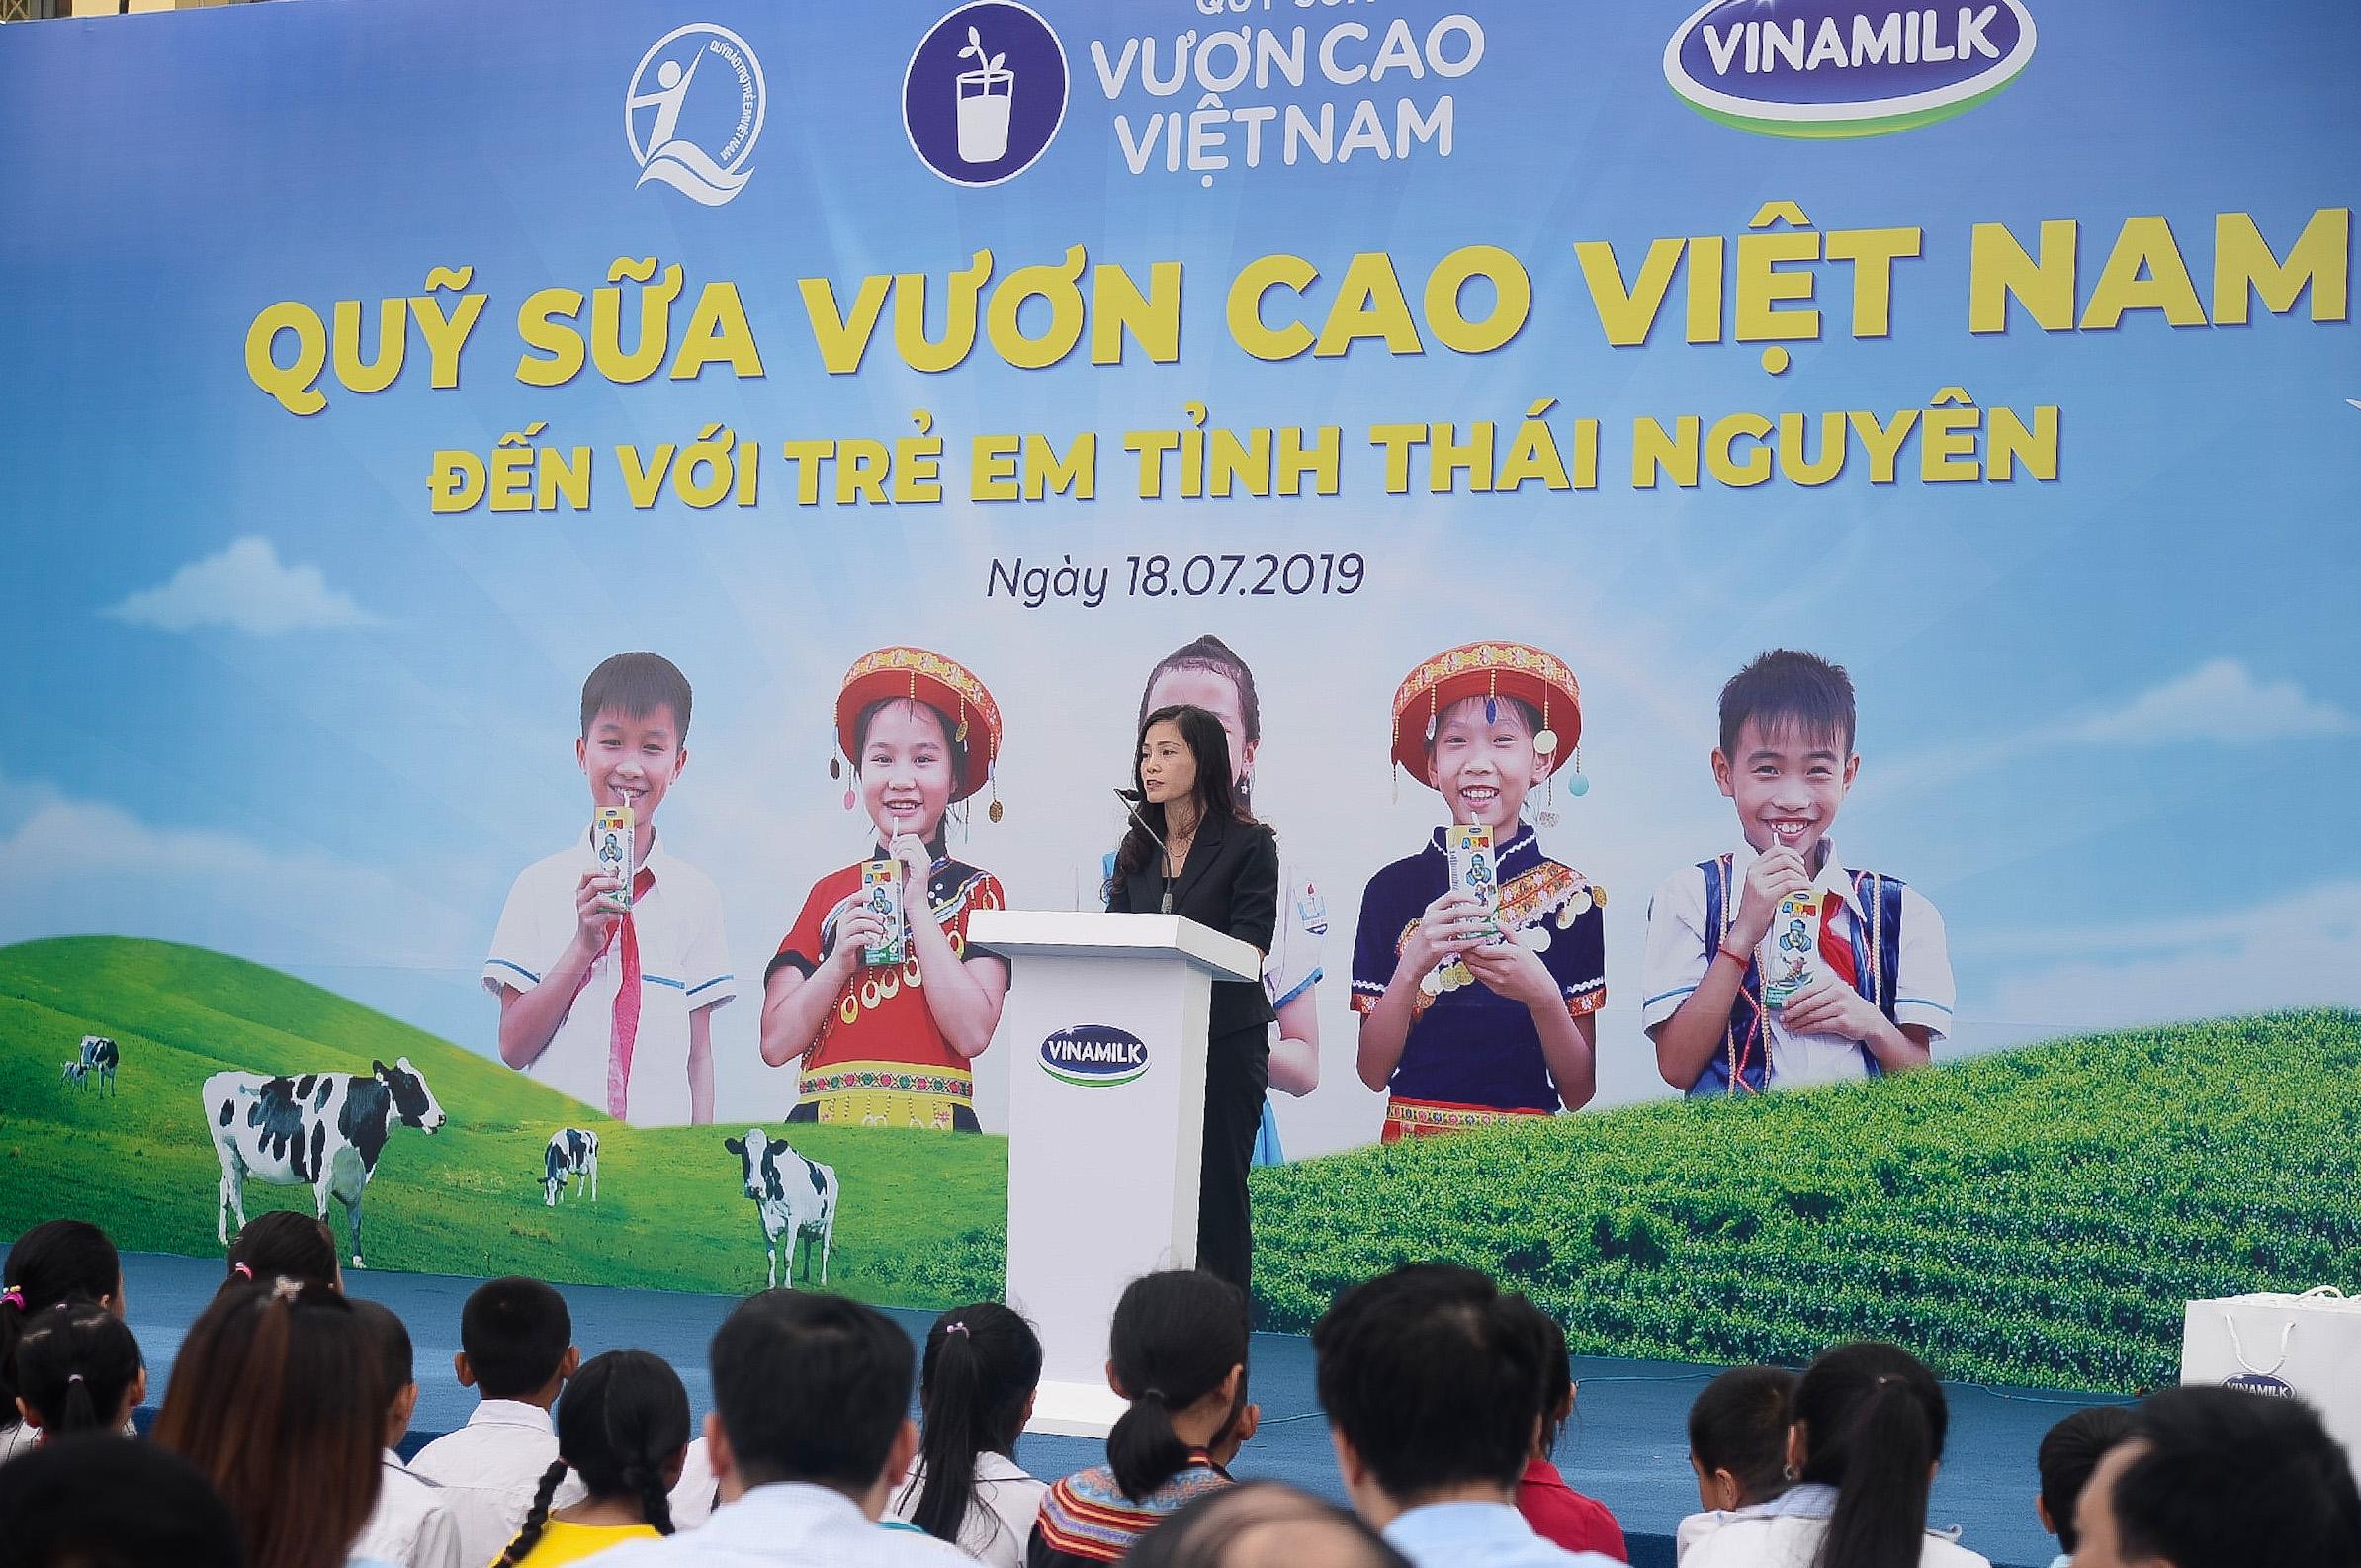 """Quỹ sữa Vươn Cao Việt Nam- Nỗ lực vì sứ mệnh: """"Để mọi trẻ em đều được uống sữa mỗi ngày""""  - Ảnh 4"""